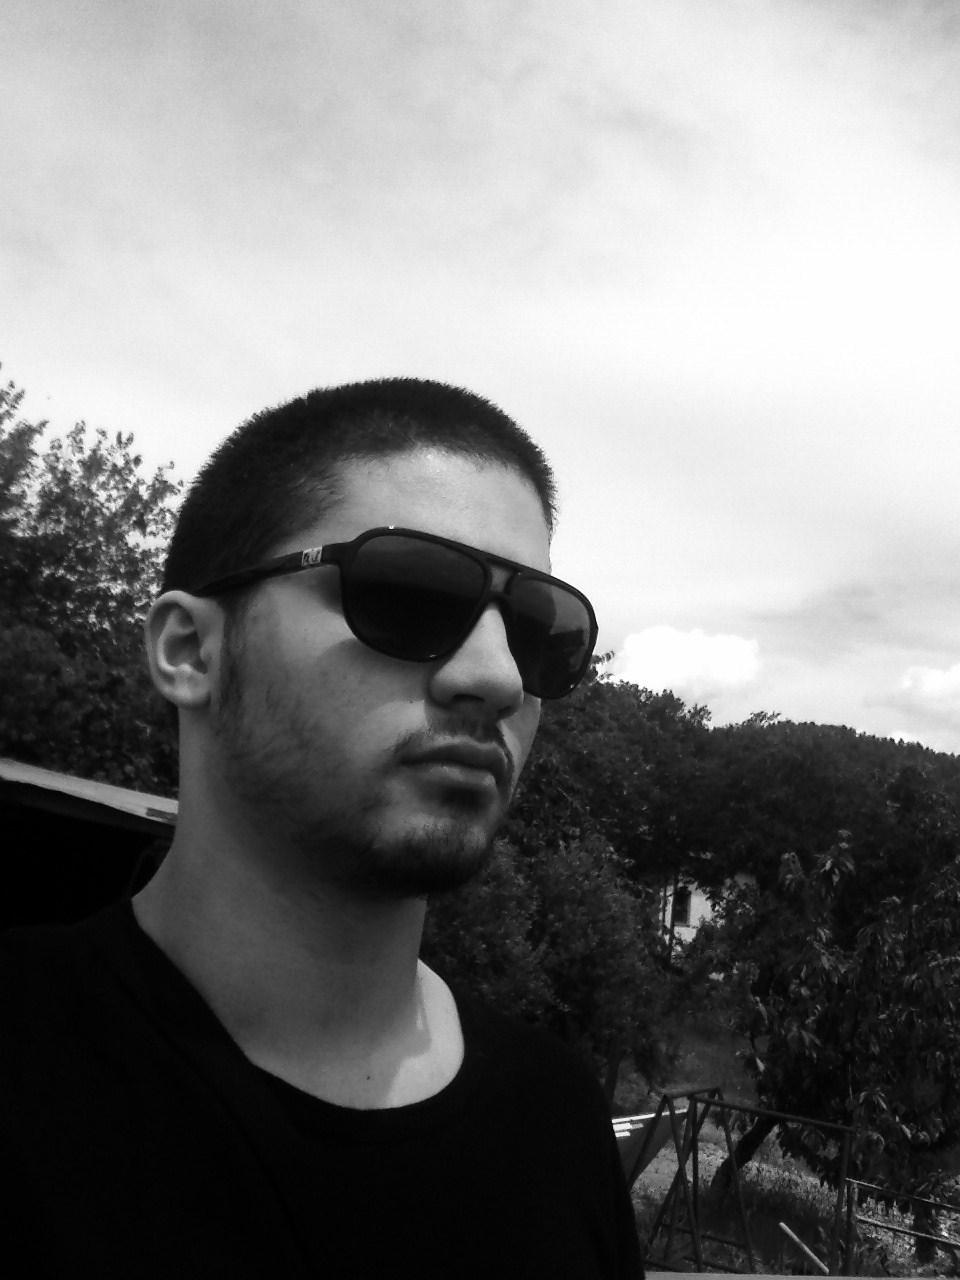 Tagli di capelli: TAGLIO CAPELLI RASATI MILITARE 2012 autunno